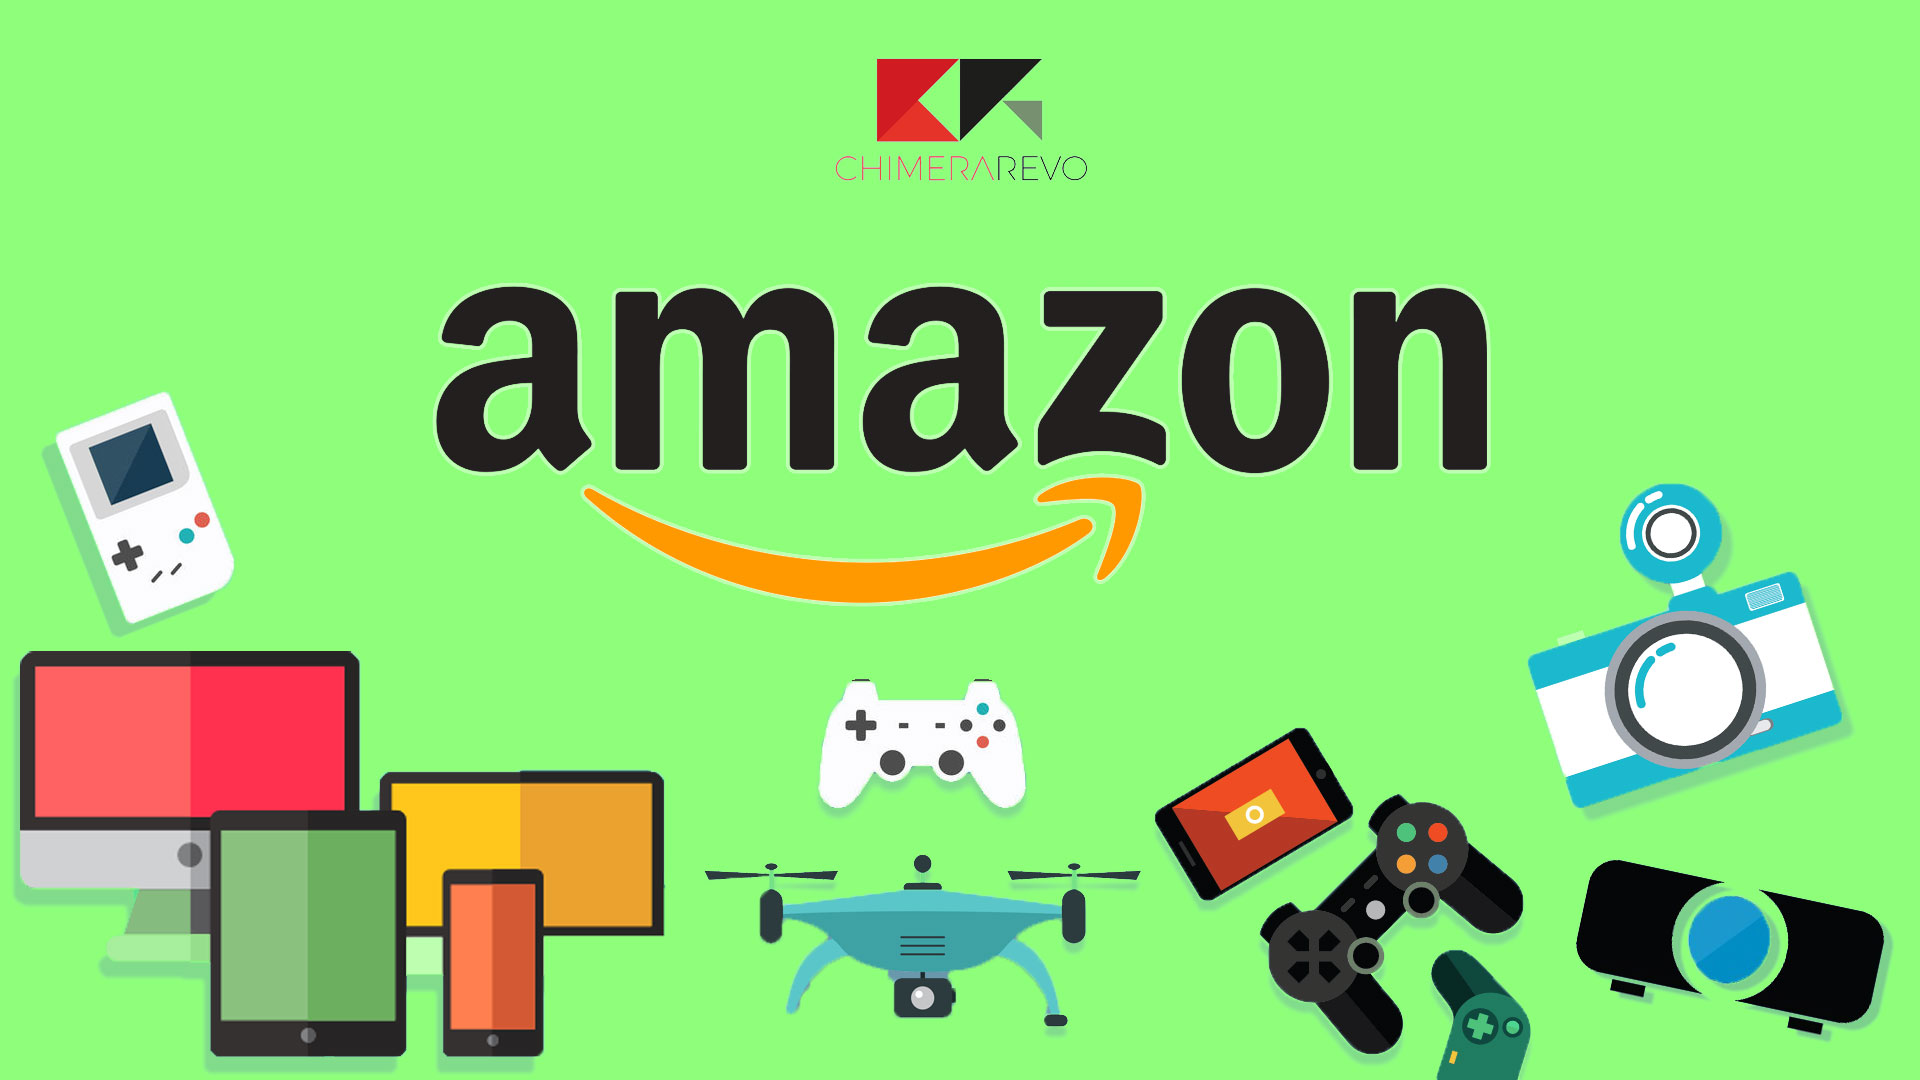 d3a384adbca49f Offerte Amazon: Domotica Xiaomi, Monitor Gaming, Notebook e Smartphone  economici! - ChimeraRevo